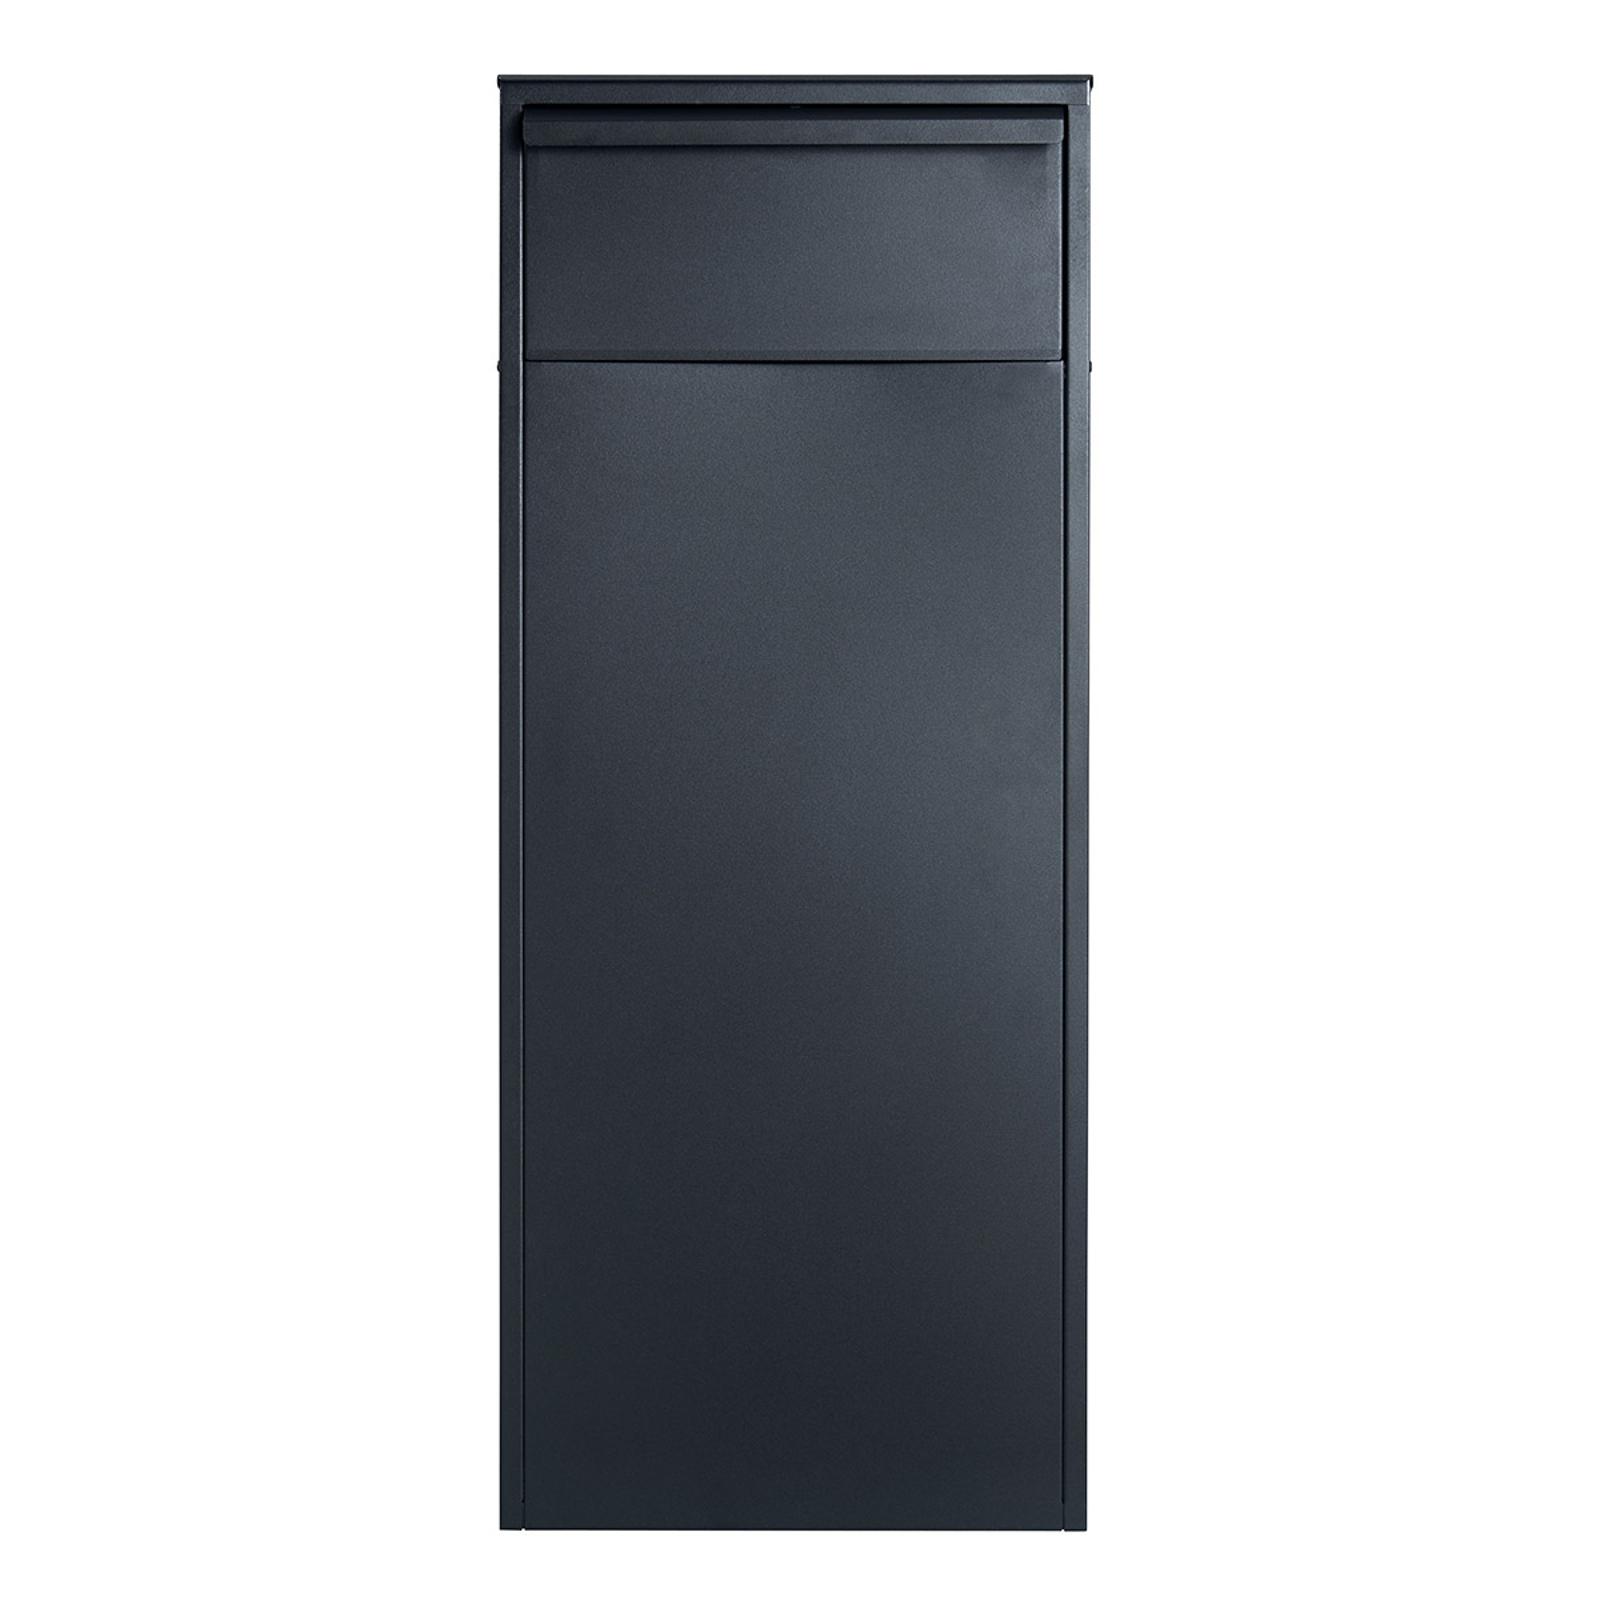 Staande brievenbus Allux 800S-B in zwart